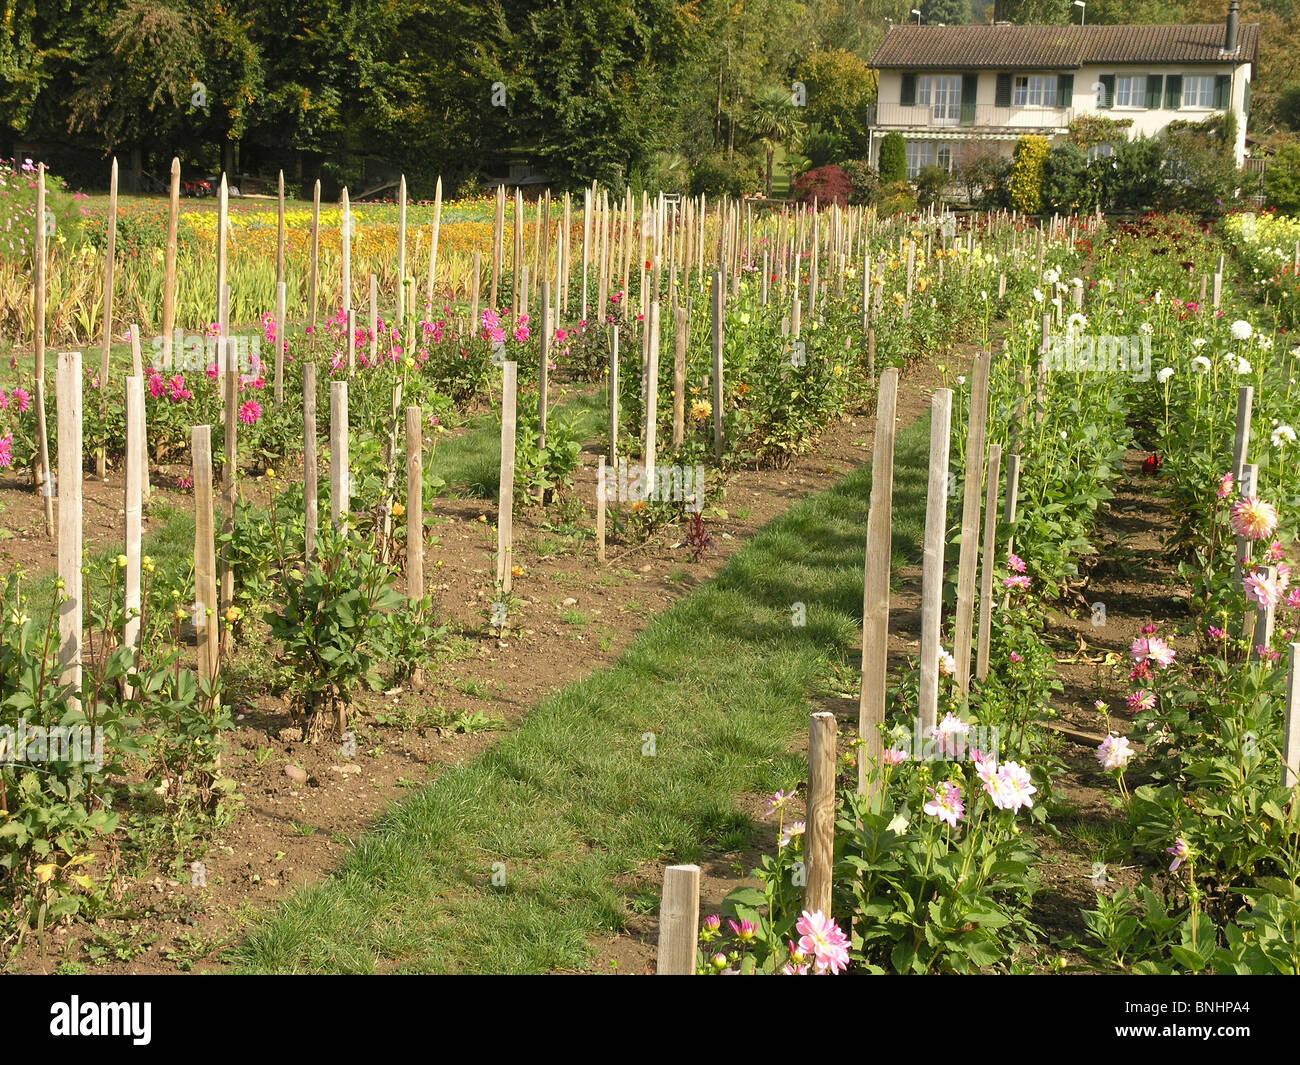 Switzerland Market Garden Flowers Flowering Poles Plants Field